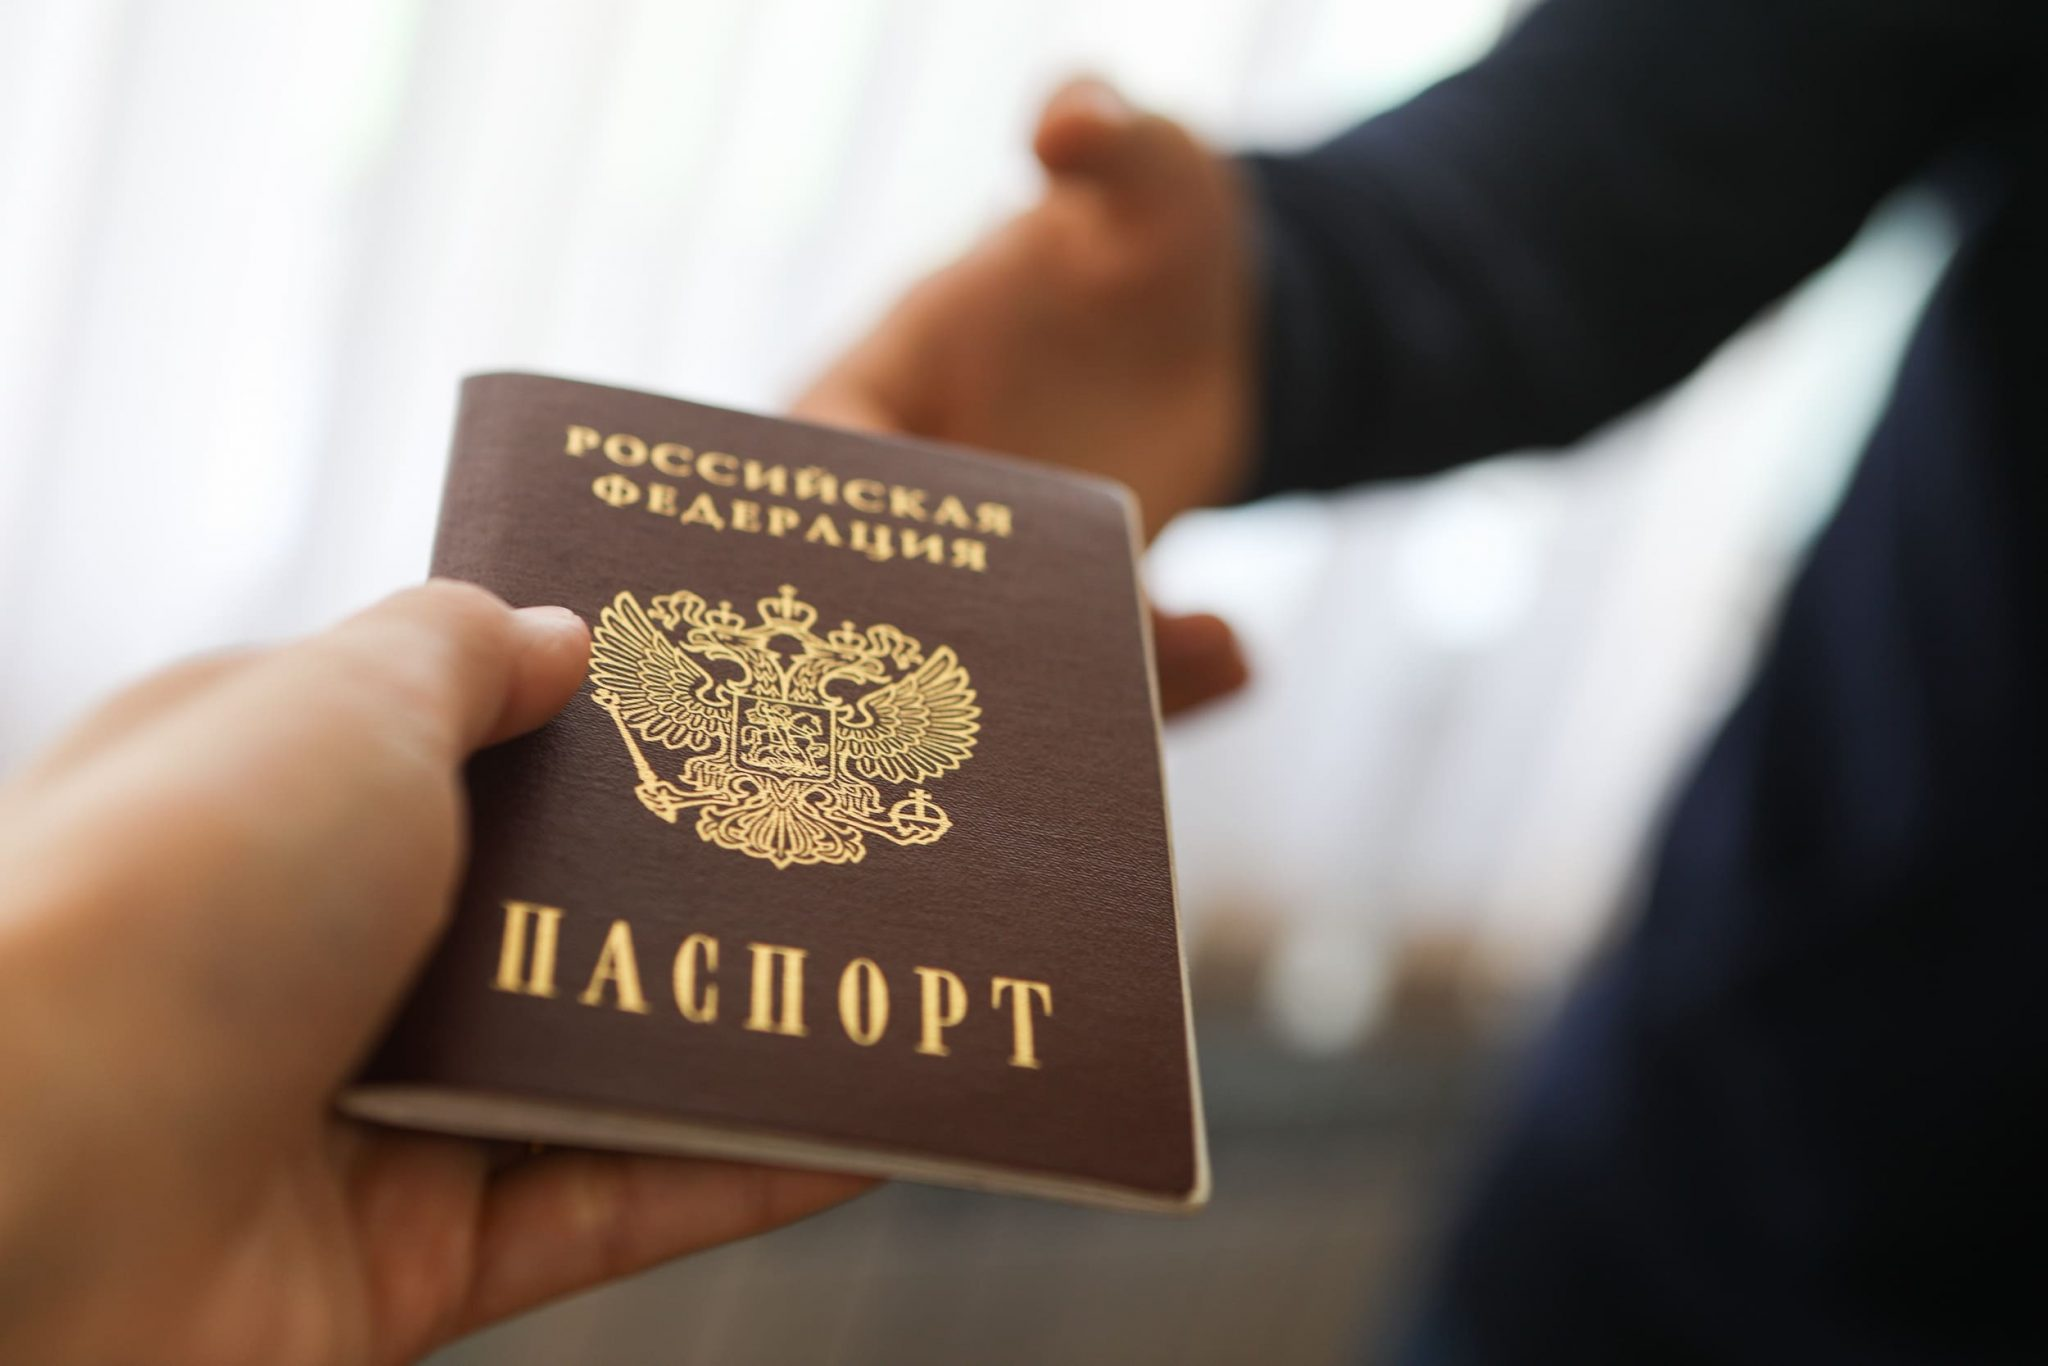 В каких случаях у россиянина могут забрать паспорт, и кто имеет на это право